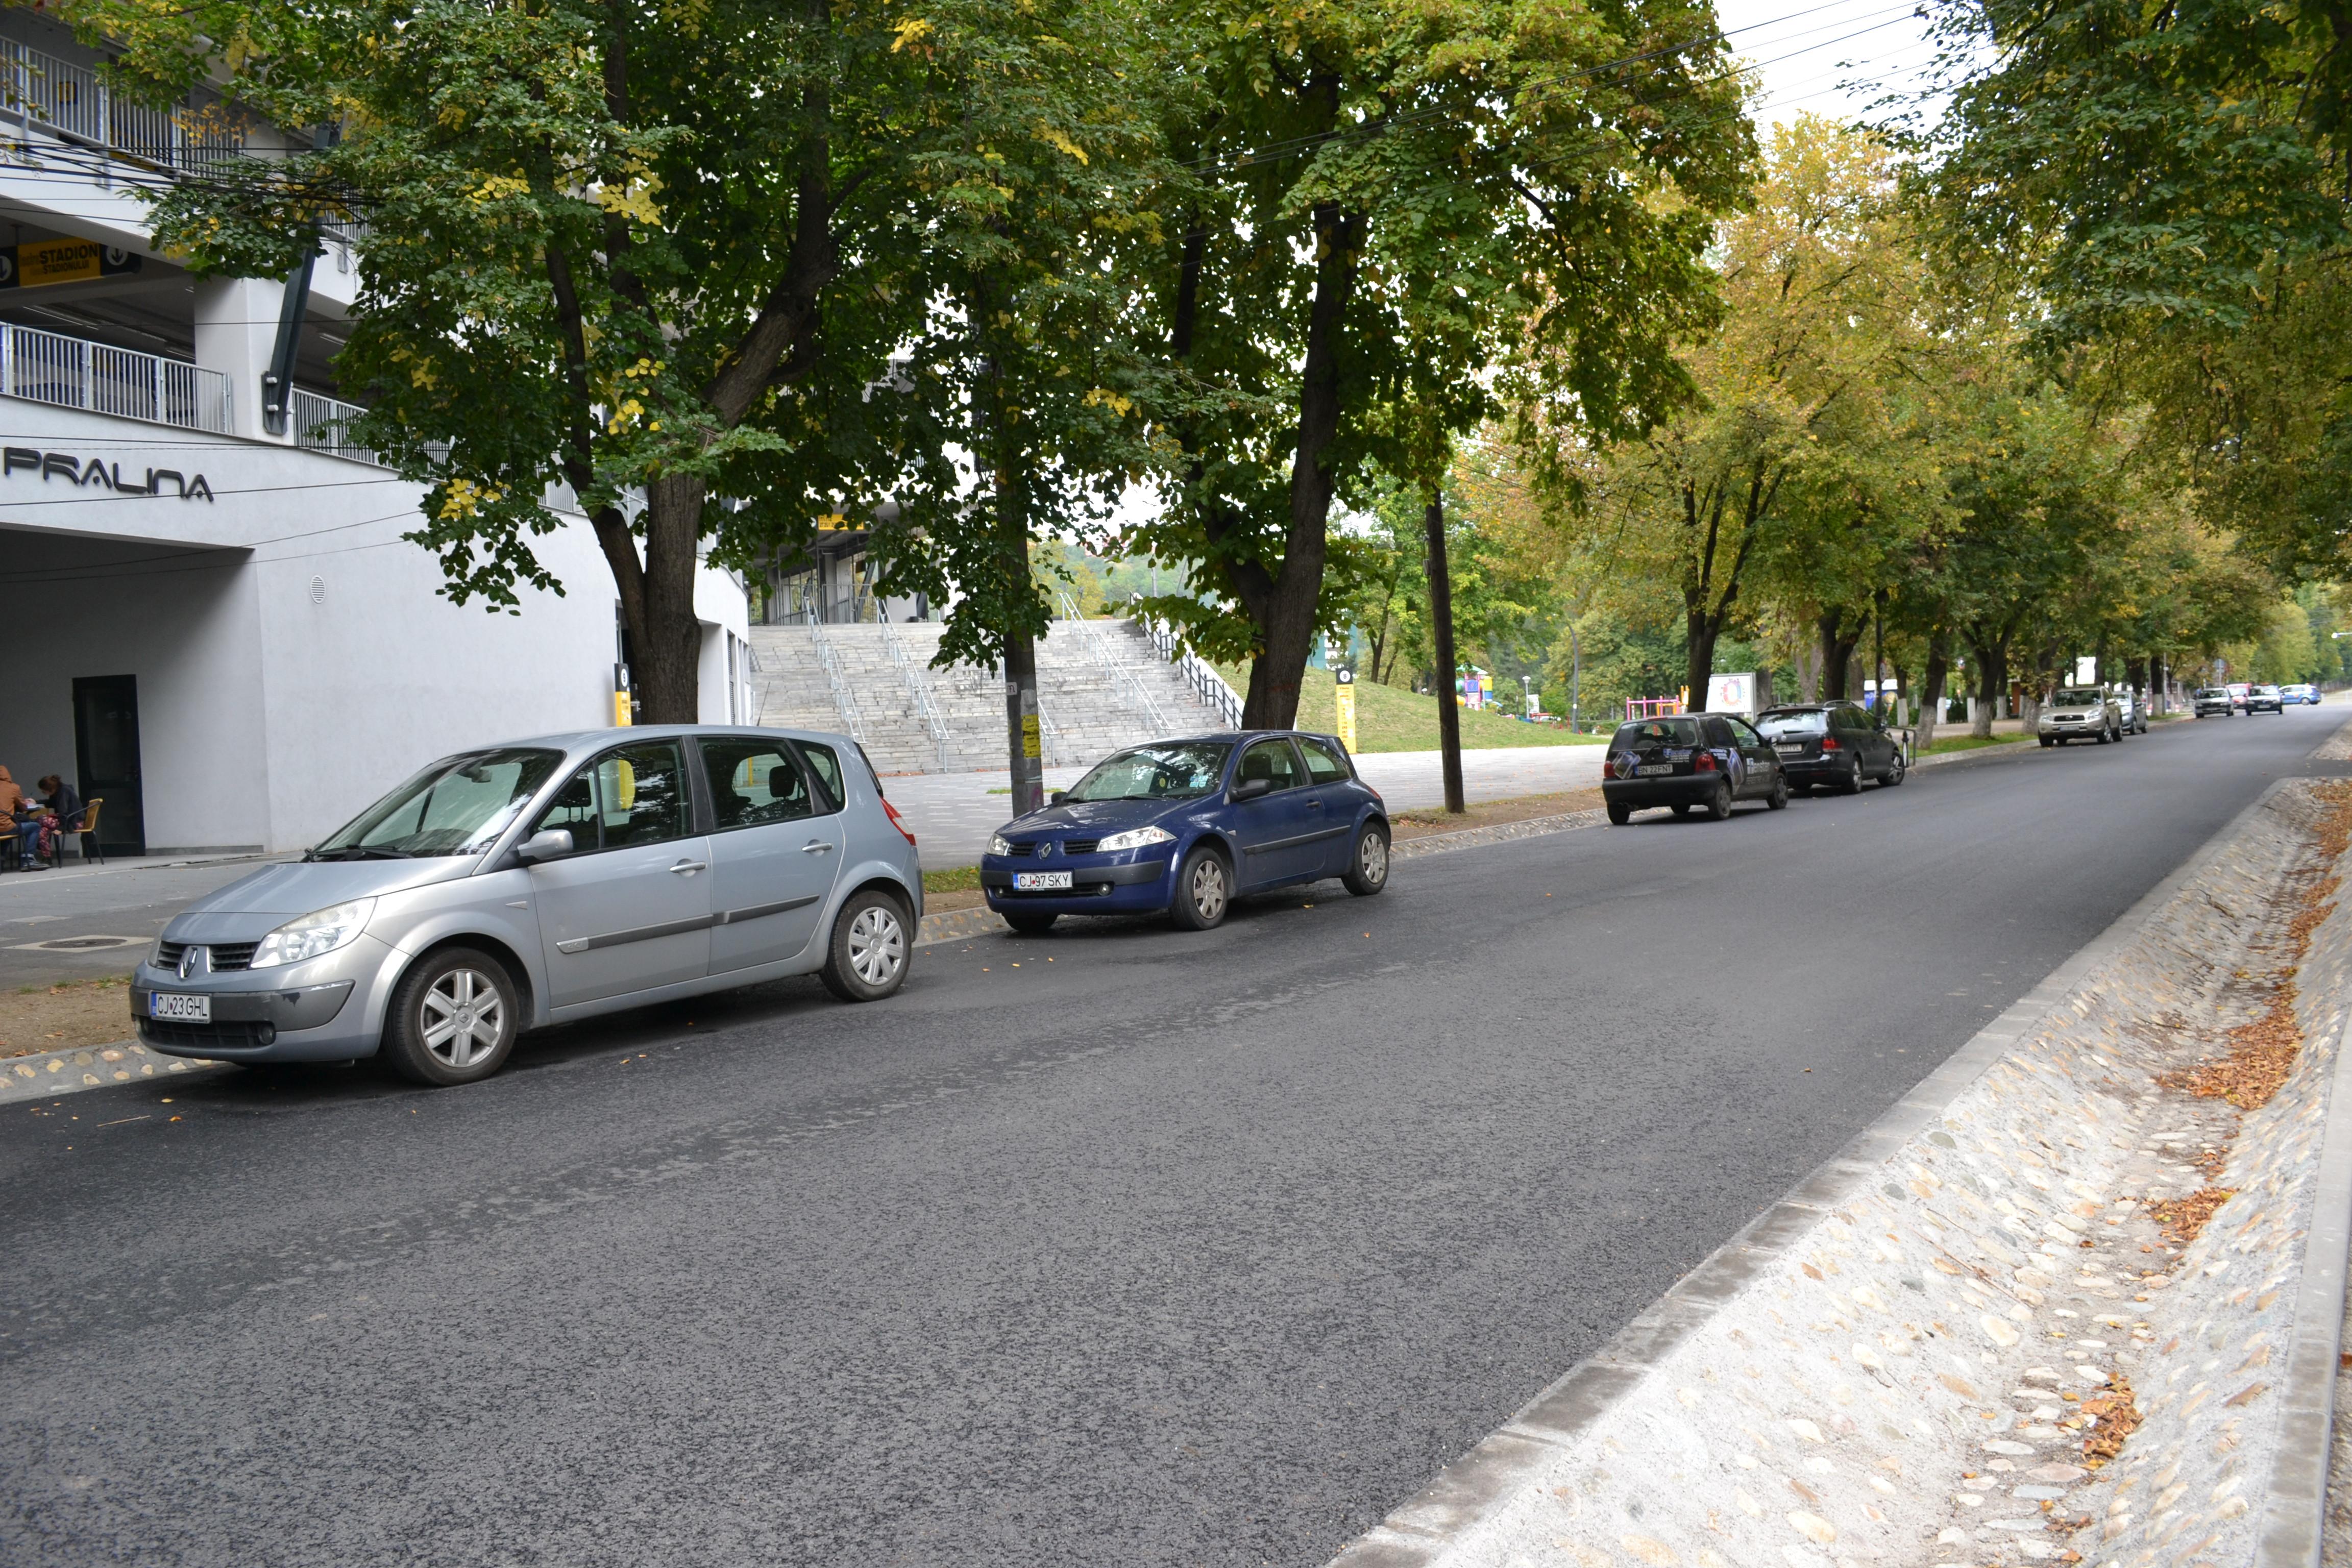 foto: Mihai Hendea Aleea Stadion transformată în parcare supraterană